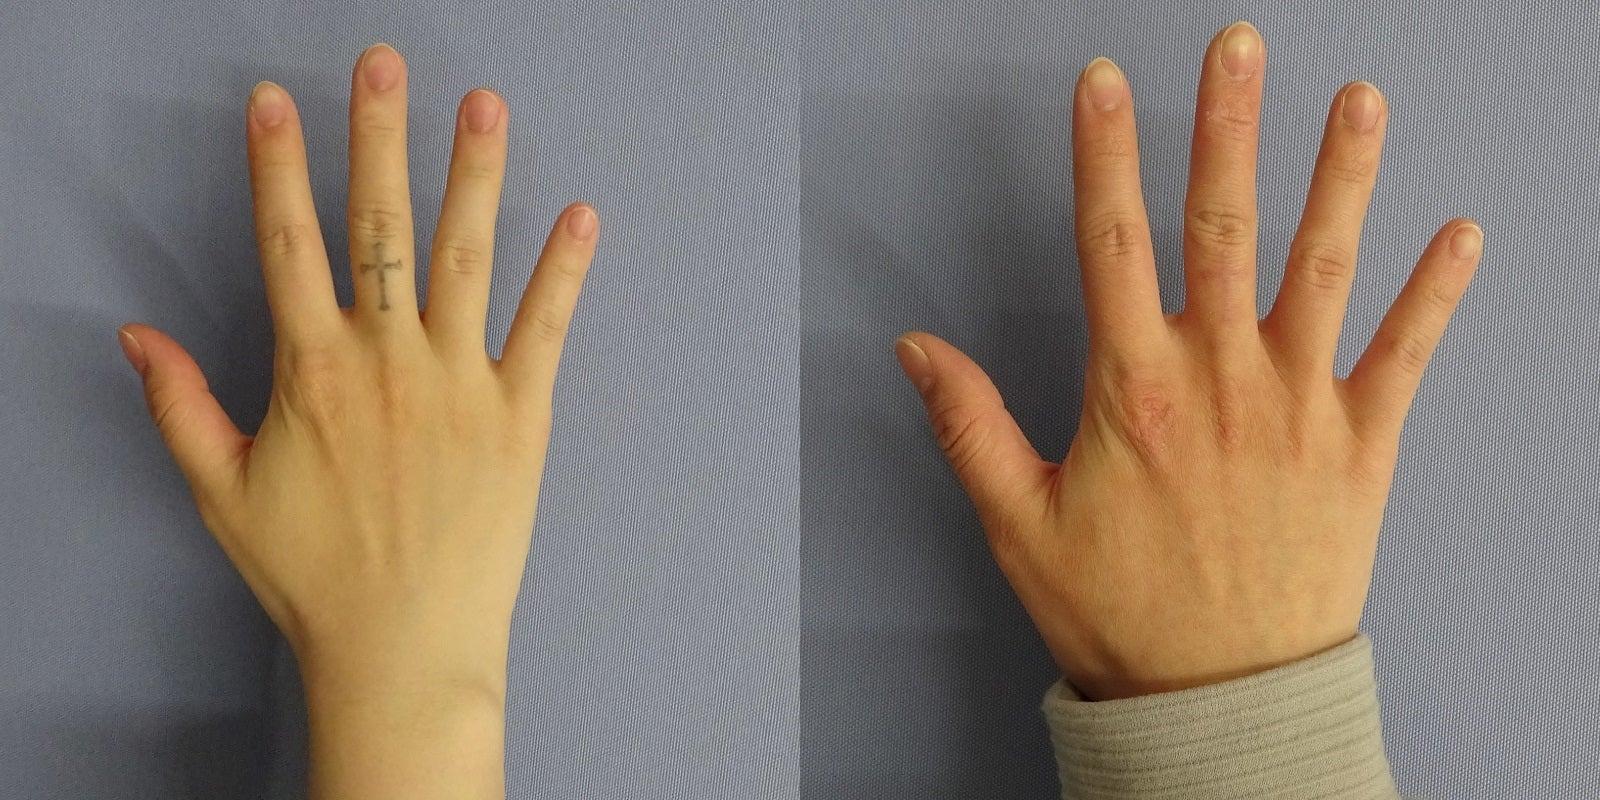 指のタトゥー ピコレーザーによる除去 3回照射後一例